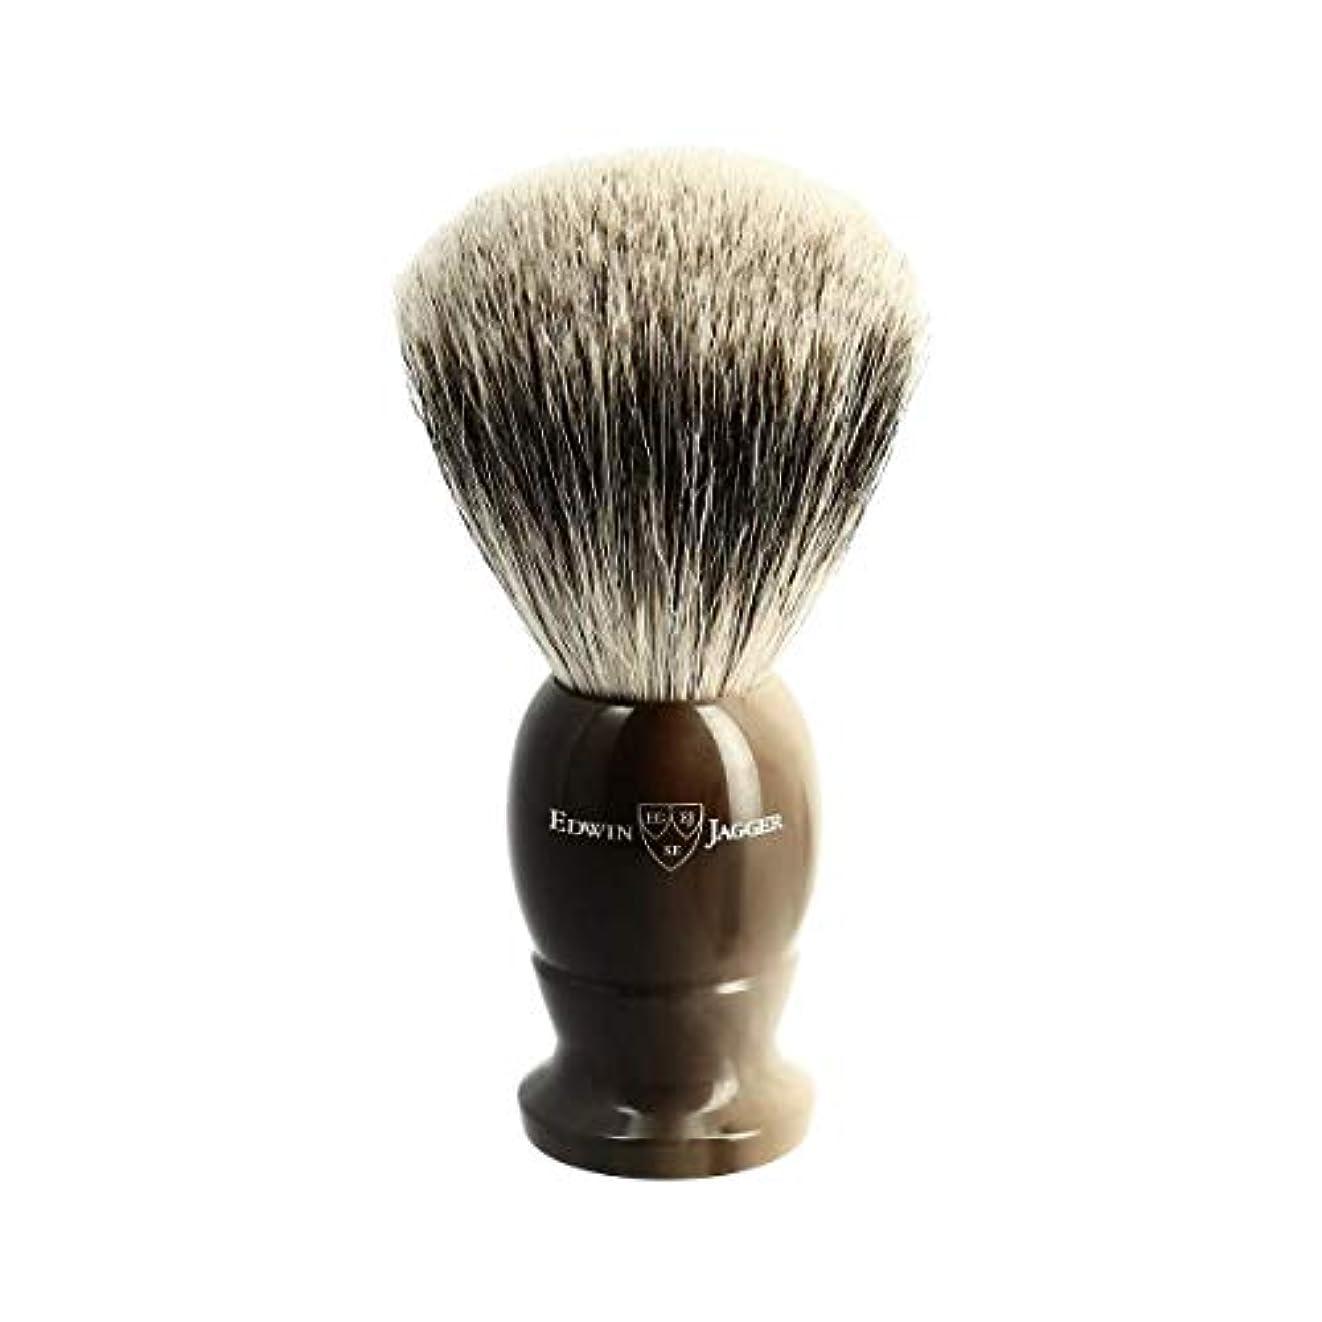 ステレオタイプ腰支給エドウィンジャガー ベストバッジャーアナグマ毛 ライトホーン シェービングブラシラージ3EJ872[海外直送品]Edwin Jagger Best Badger Light Horn Shaving Brush Large...